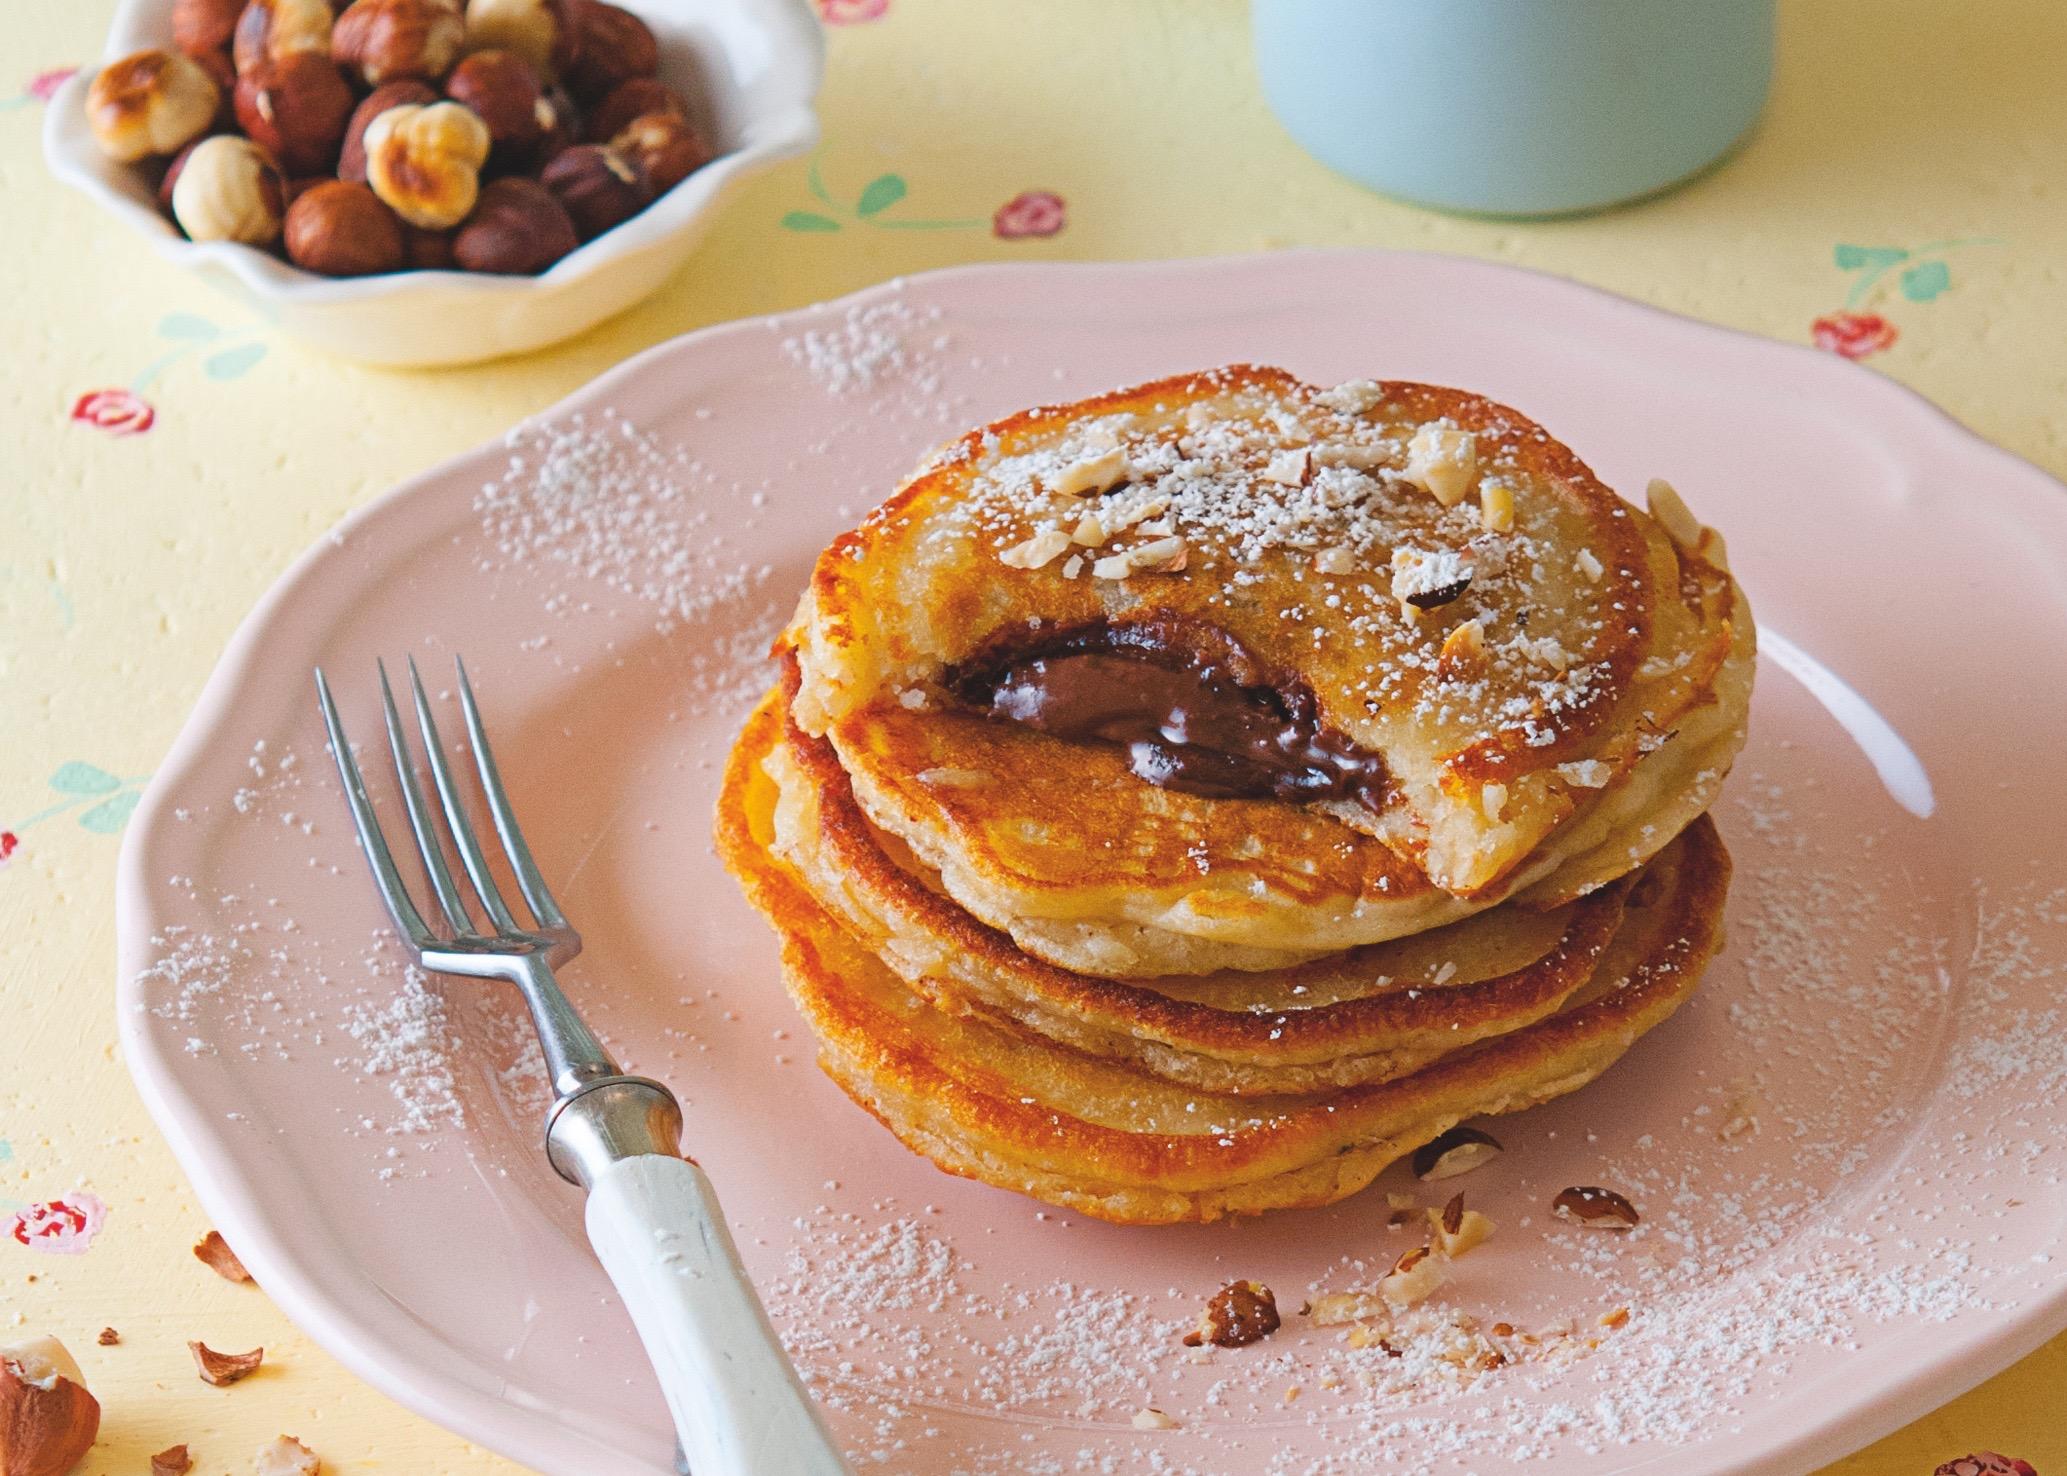 Mit Schokolade gefüllte Pancakes